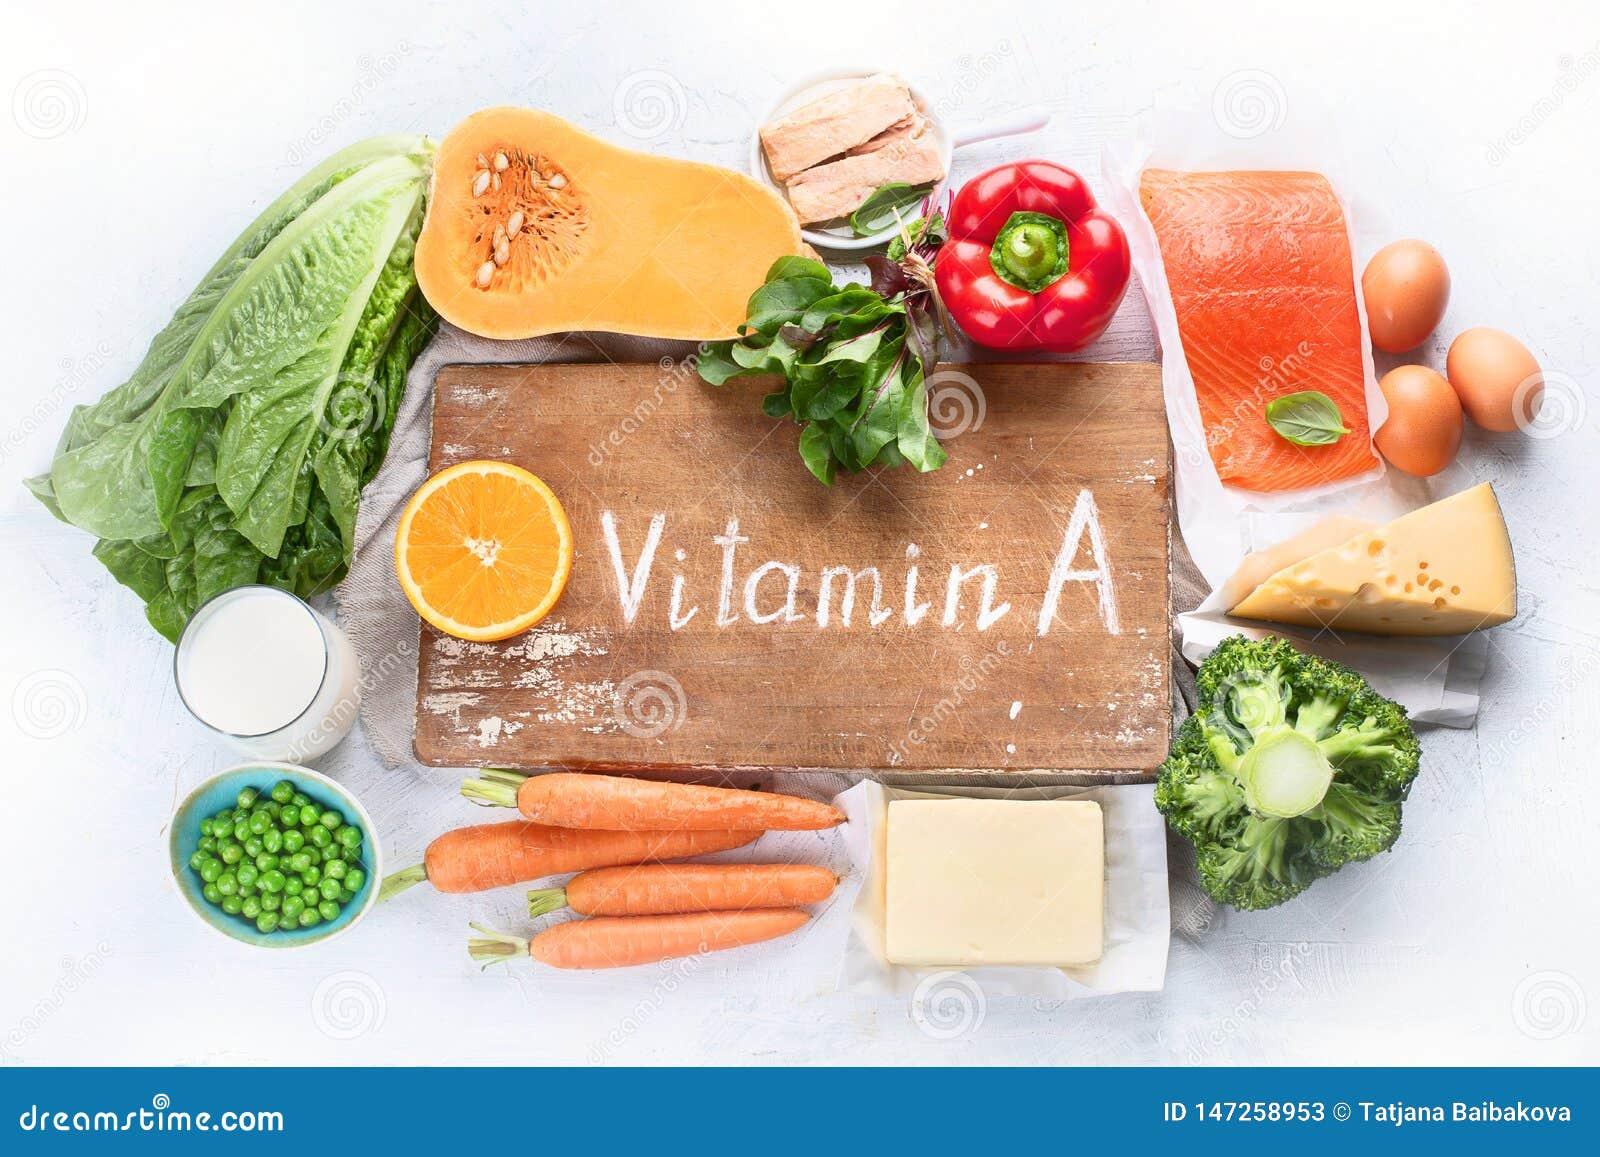 Τρόφιμα πλούσια σε βιταμίνη Α